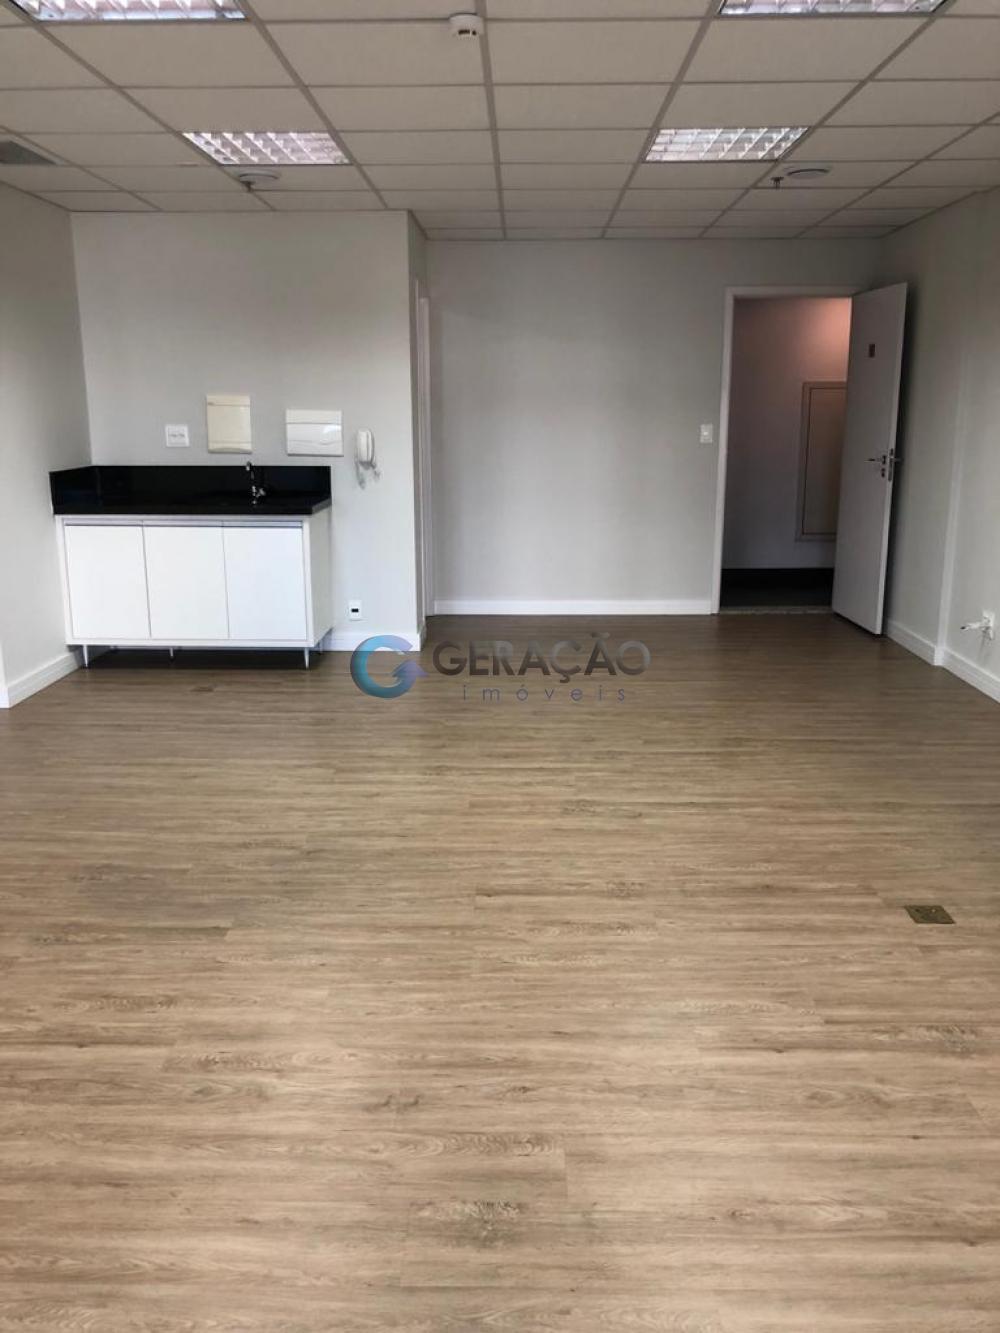 Alugar Comercial / Sala em Condomínio em São José dos Campos apenas R$ 1.400,00 - Foto 3